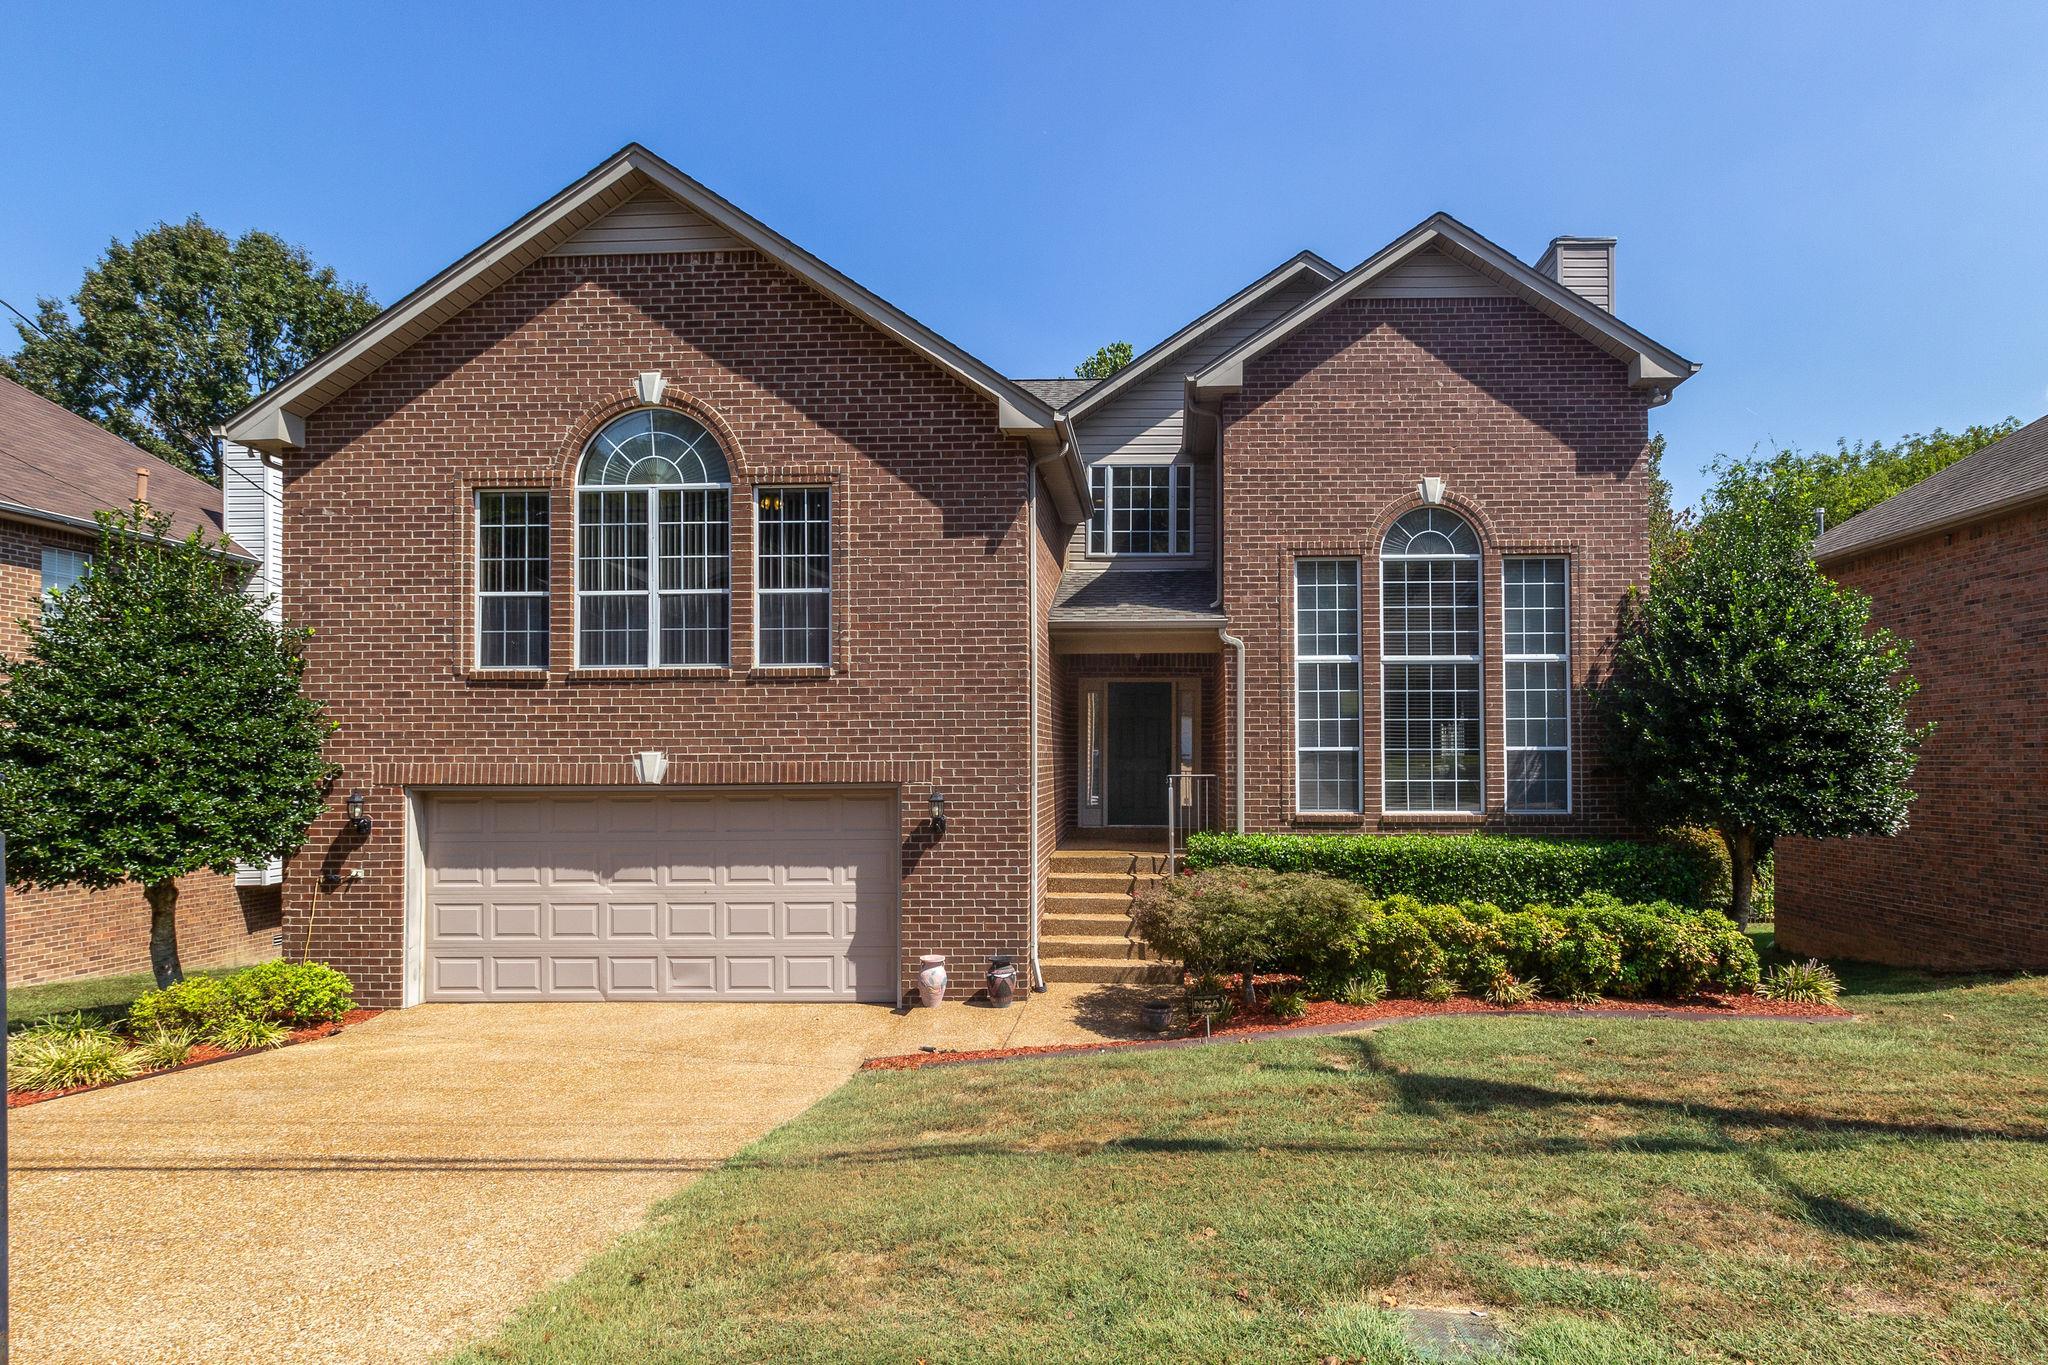 6816 Sunnywood Dr, Nashville, TN 37211 - Nashville, TN real estate listing